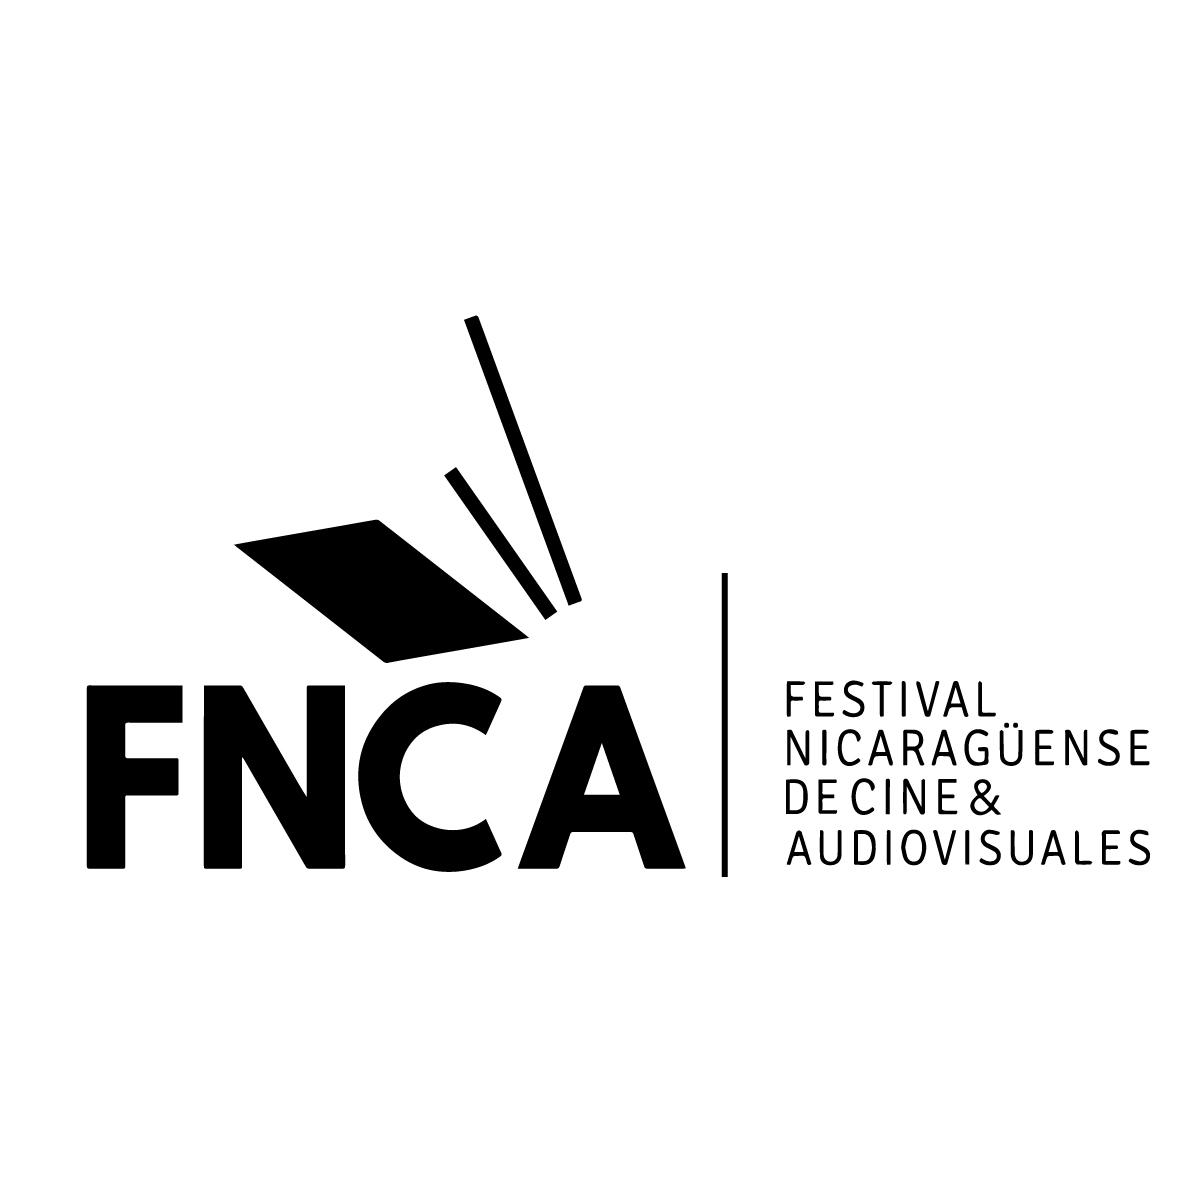 Festival nicaragüense de cine y de audiovisuales